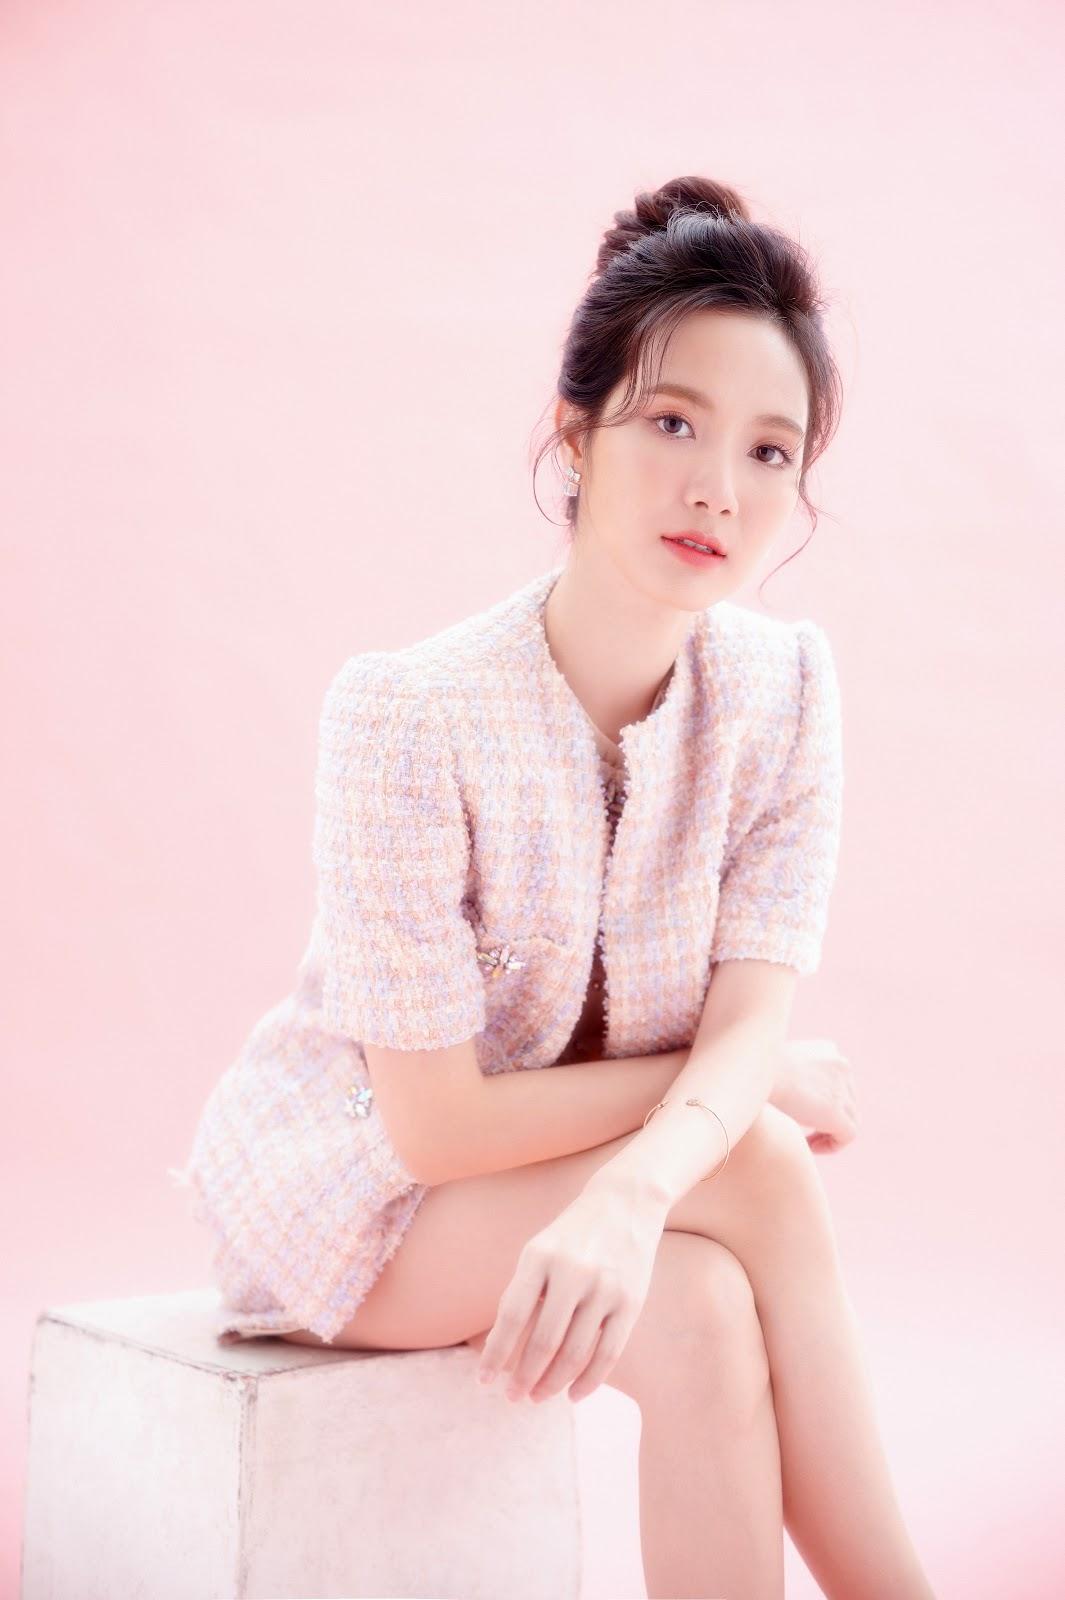 Jang Mi 'đốn tim' khán giả với hình tượng ngọc nữ, đẹp tao nhã thanh tân - Hình 6